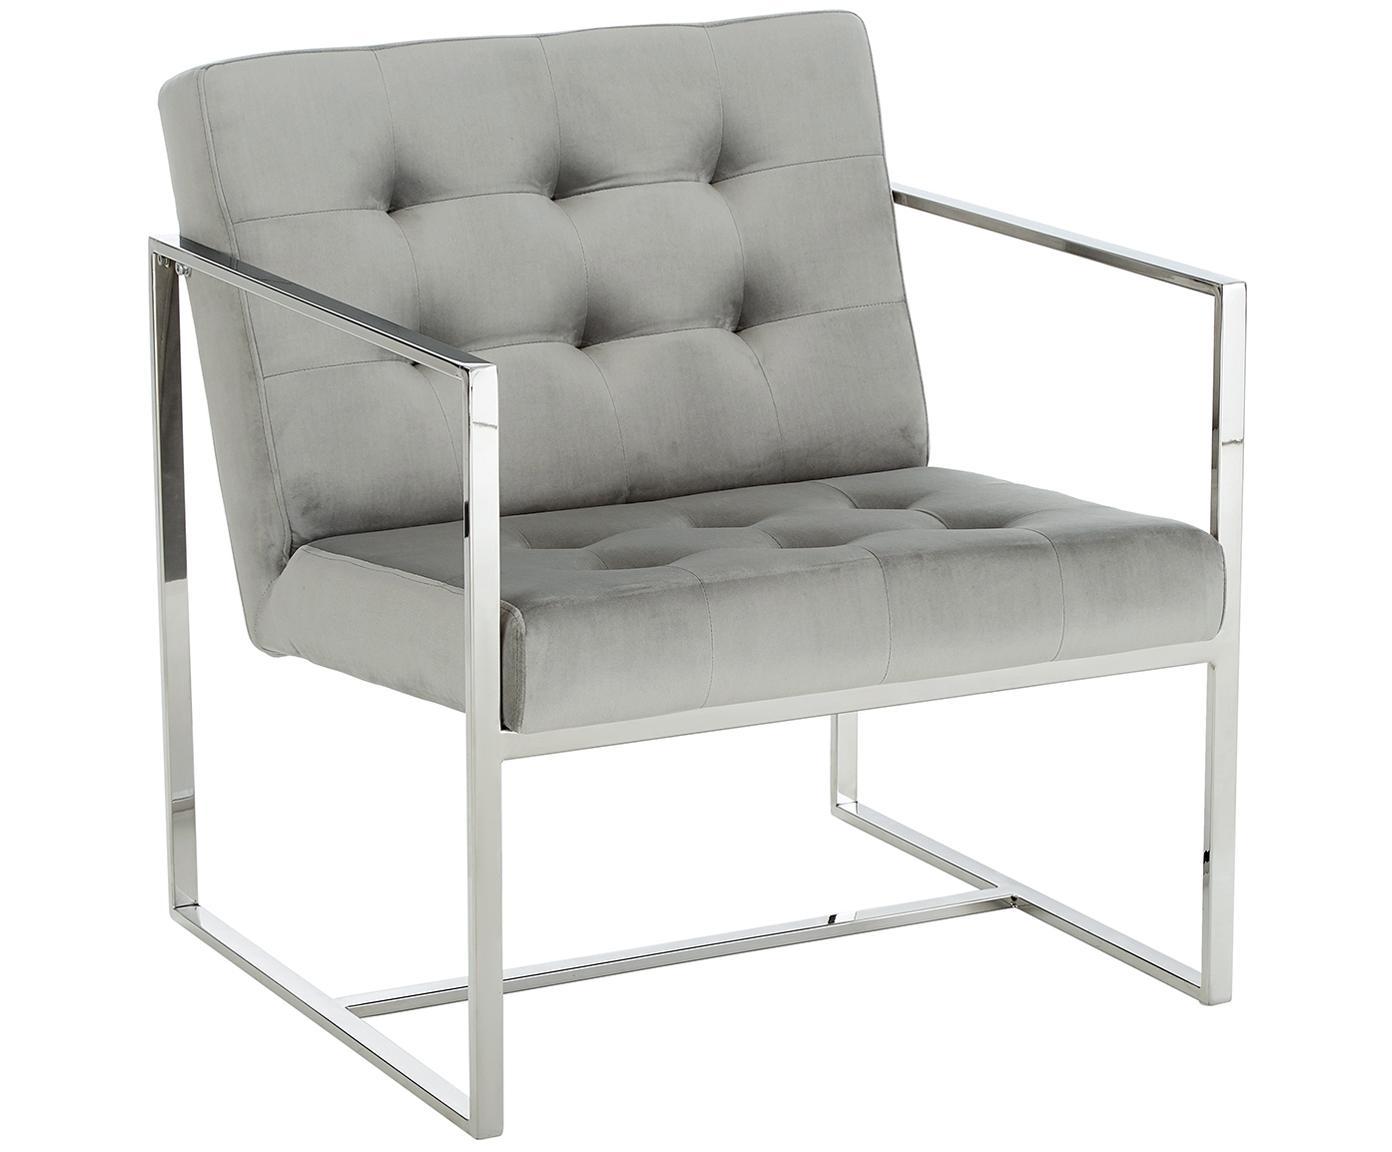 Sedia a poltrona in velluto Manhattan, Rivestimento: velluto (poliestere) 30.0, Struttura: metallo zincato, Velluto grigio, Larg. 70 x Prof. 72 cm